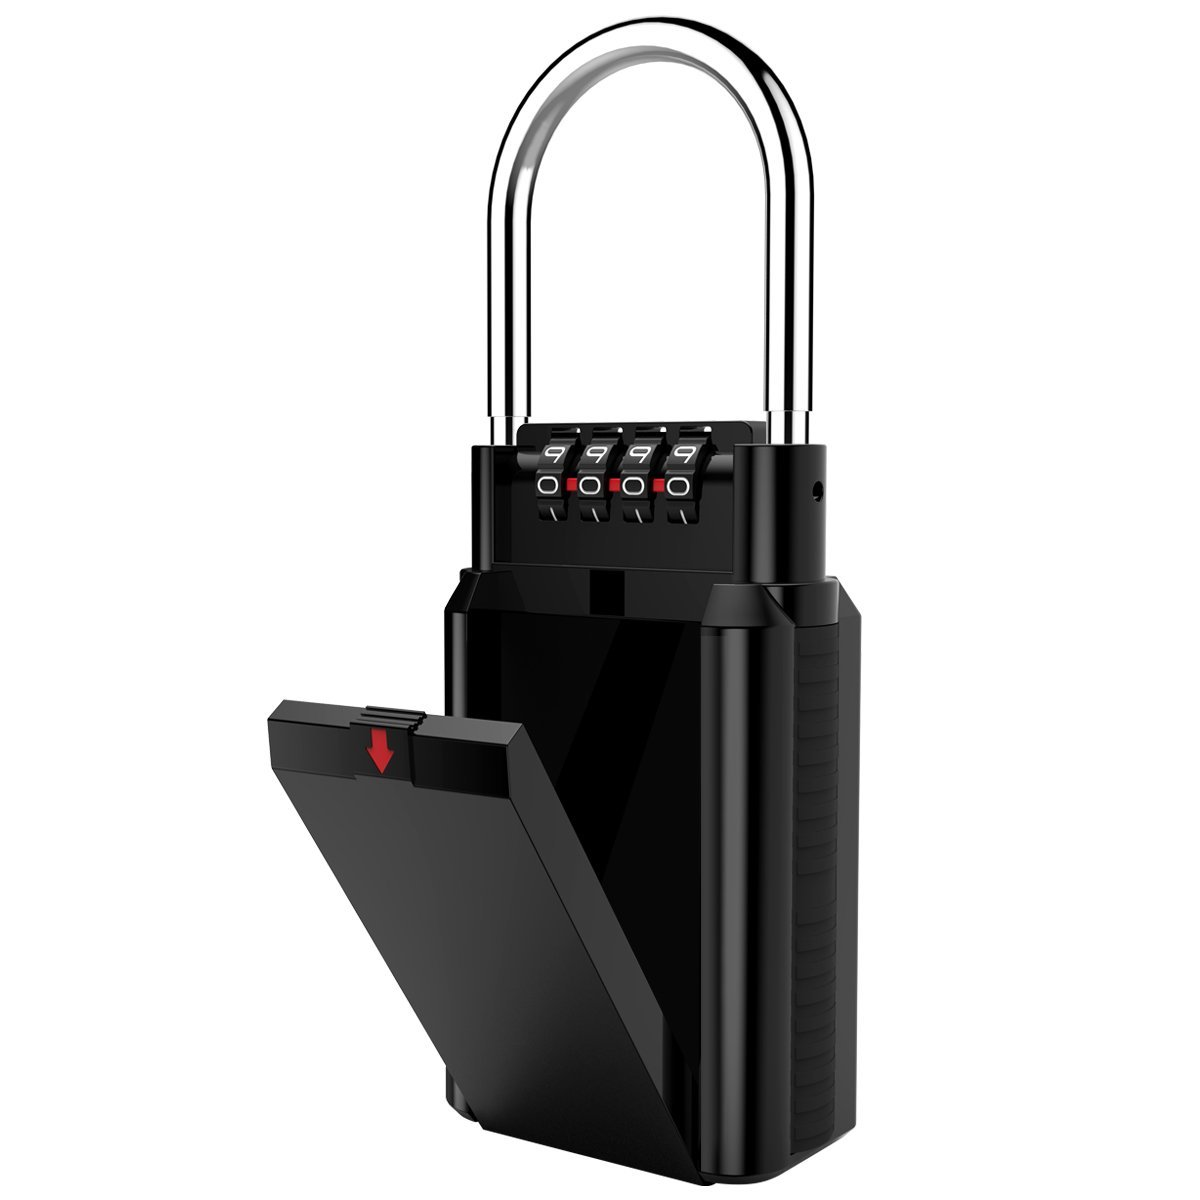 4 digit Lock combinación intemperie almacenamiento caja de seguridad de bloqueo tiene capacidad para 6 teclas raíces organizador inicio seguridad